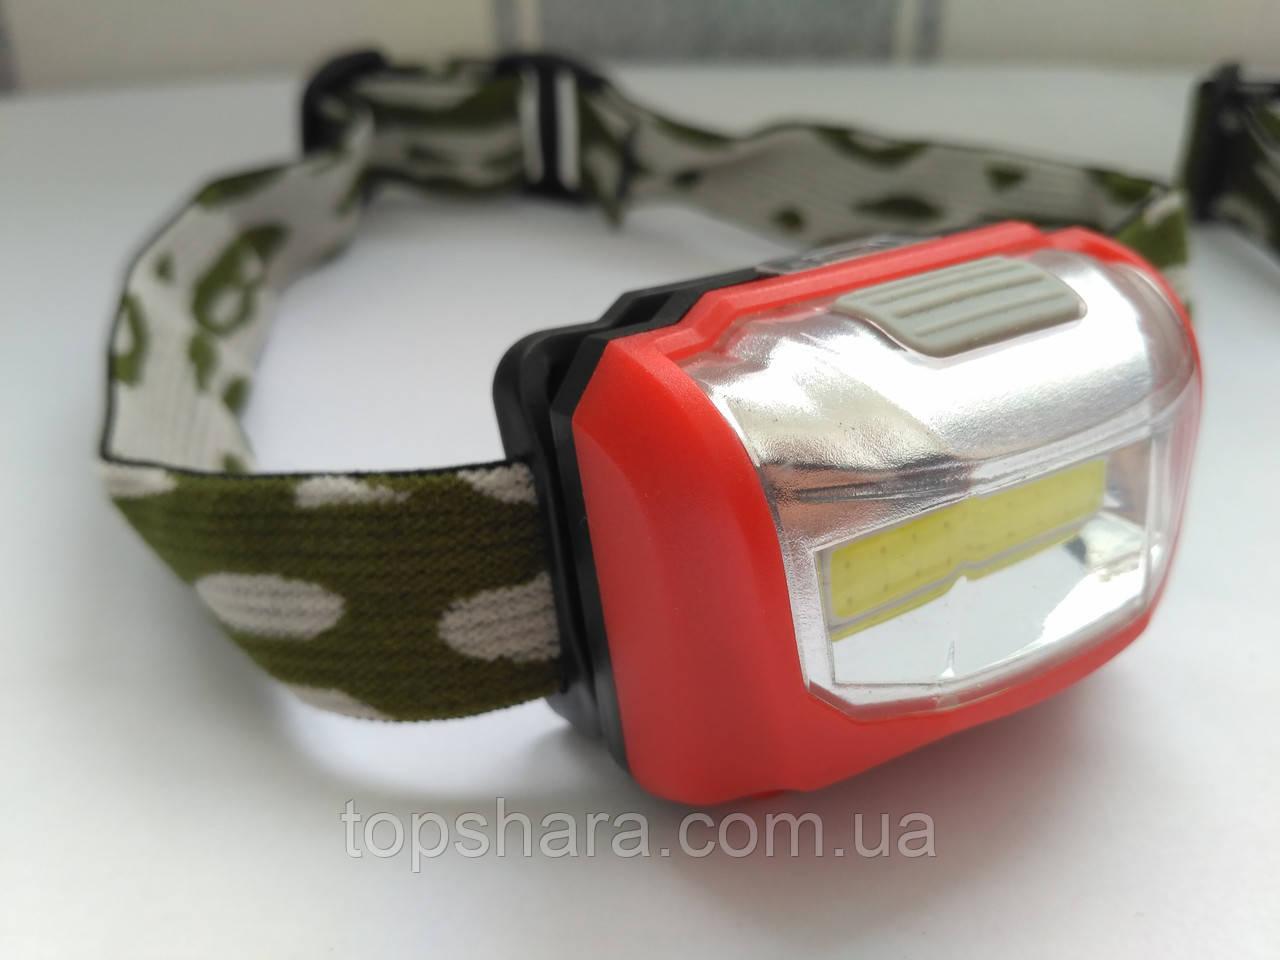 Фонарь головной Bailong NF-T835 лента 20 светодиов, AAA,